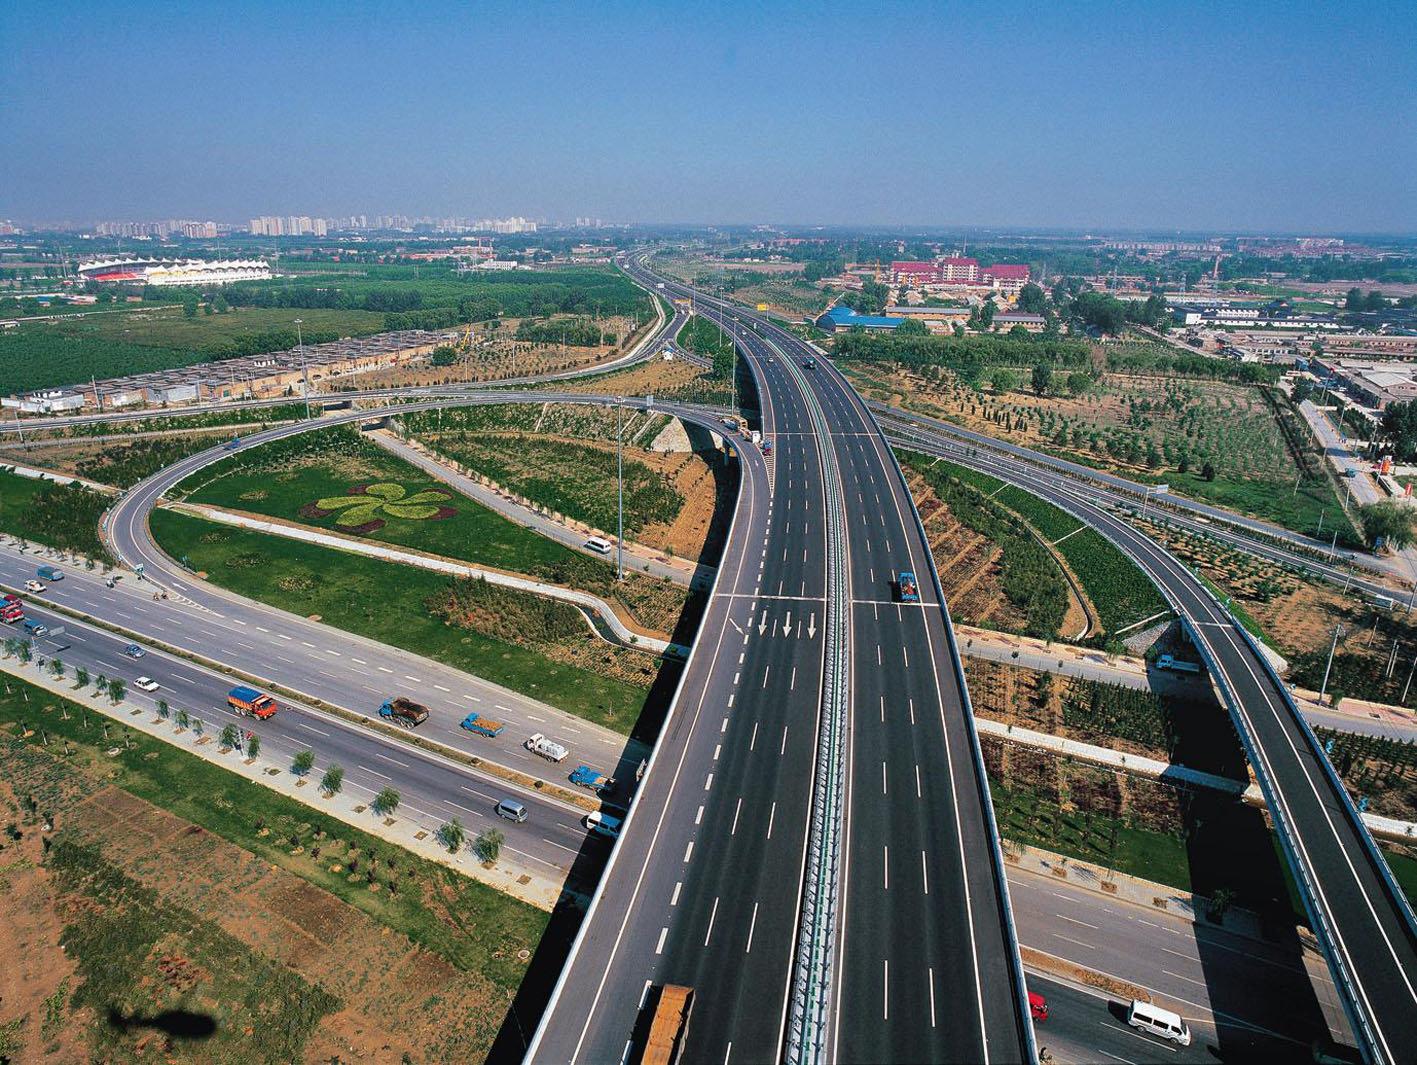 壁纸 道路 高速 高速公路 公路 平面图 桌面 1417_1065